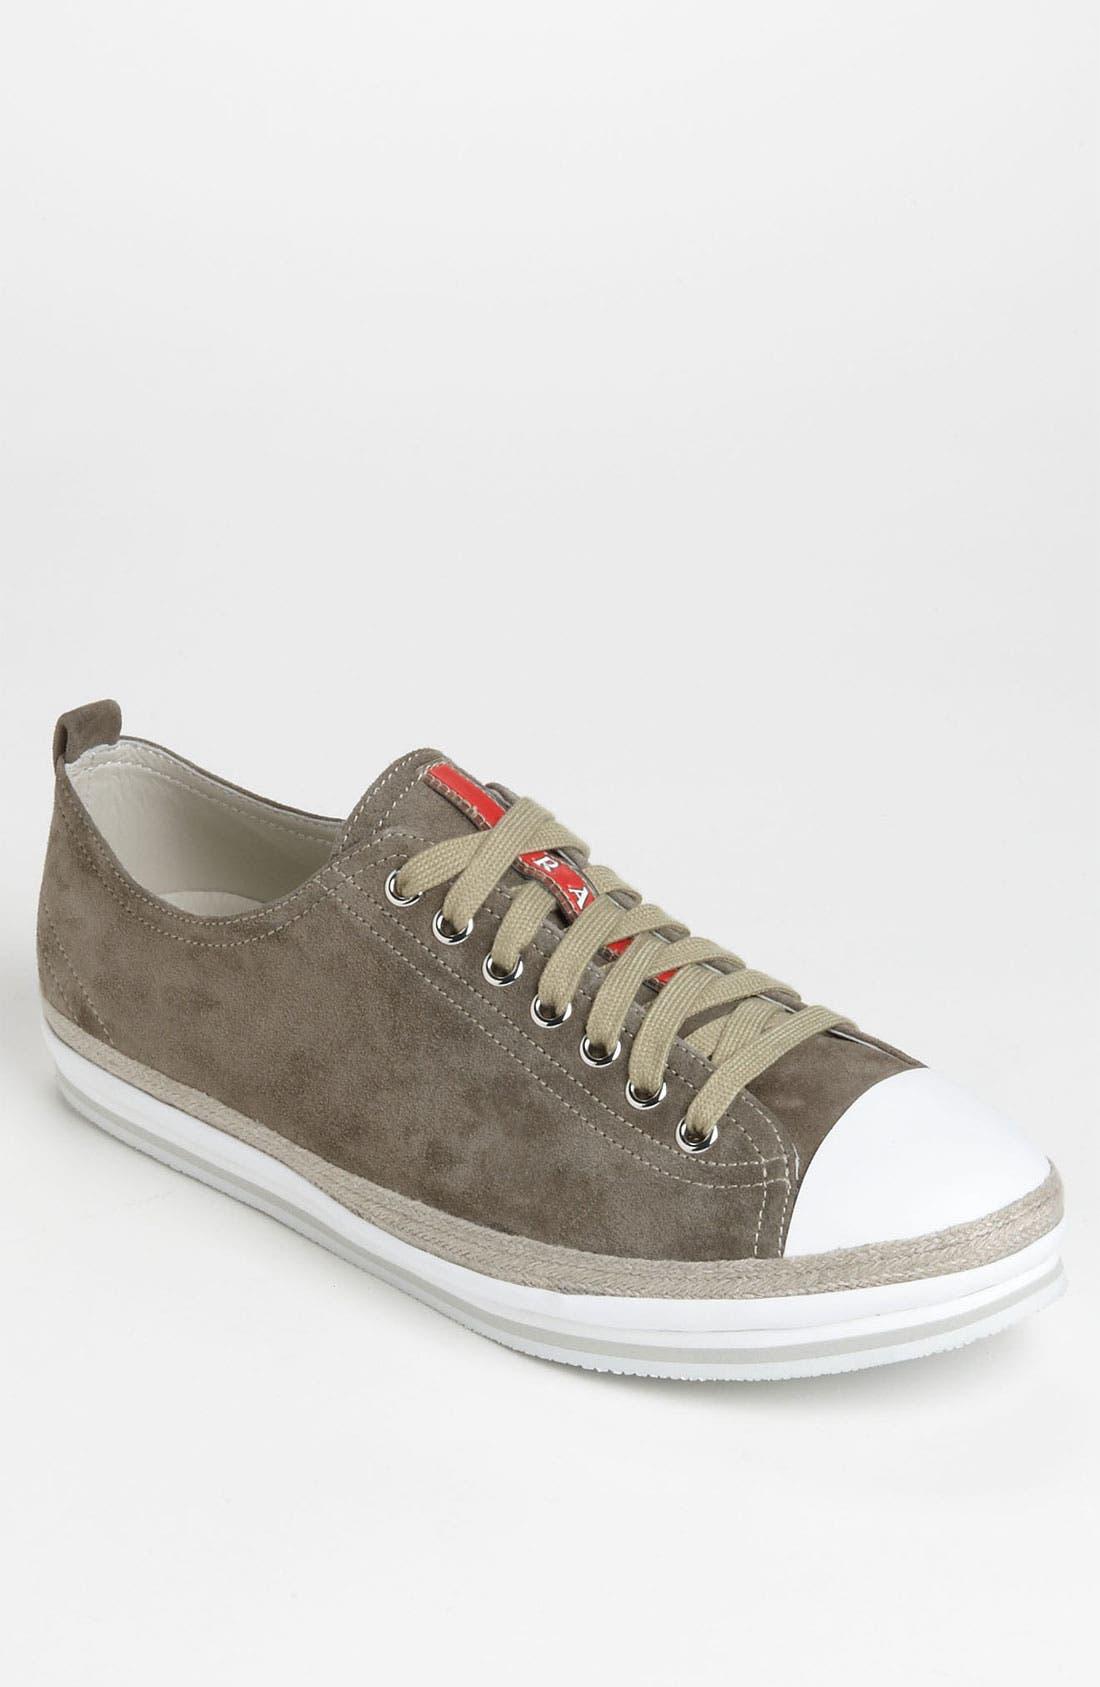 Alternate Image 1 Selected - Prada Low Profile Espadrille Sneaker